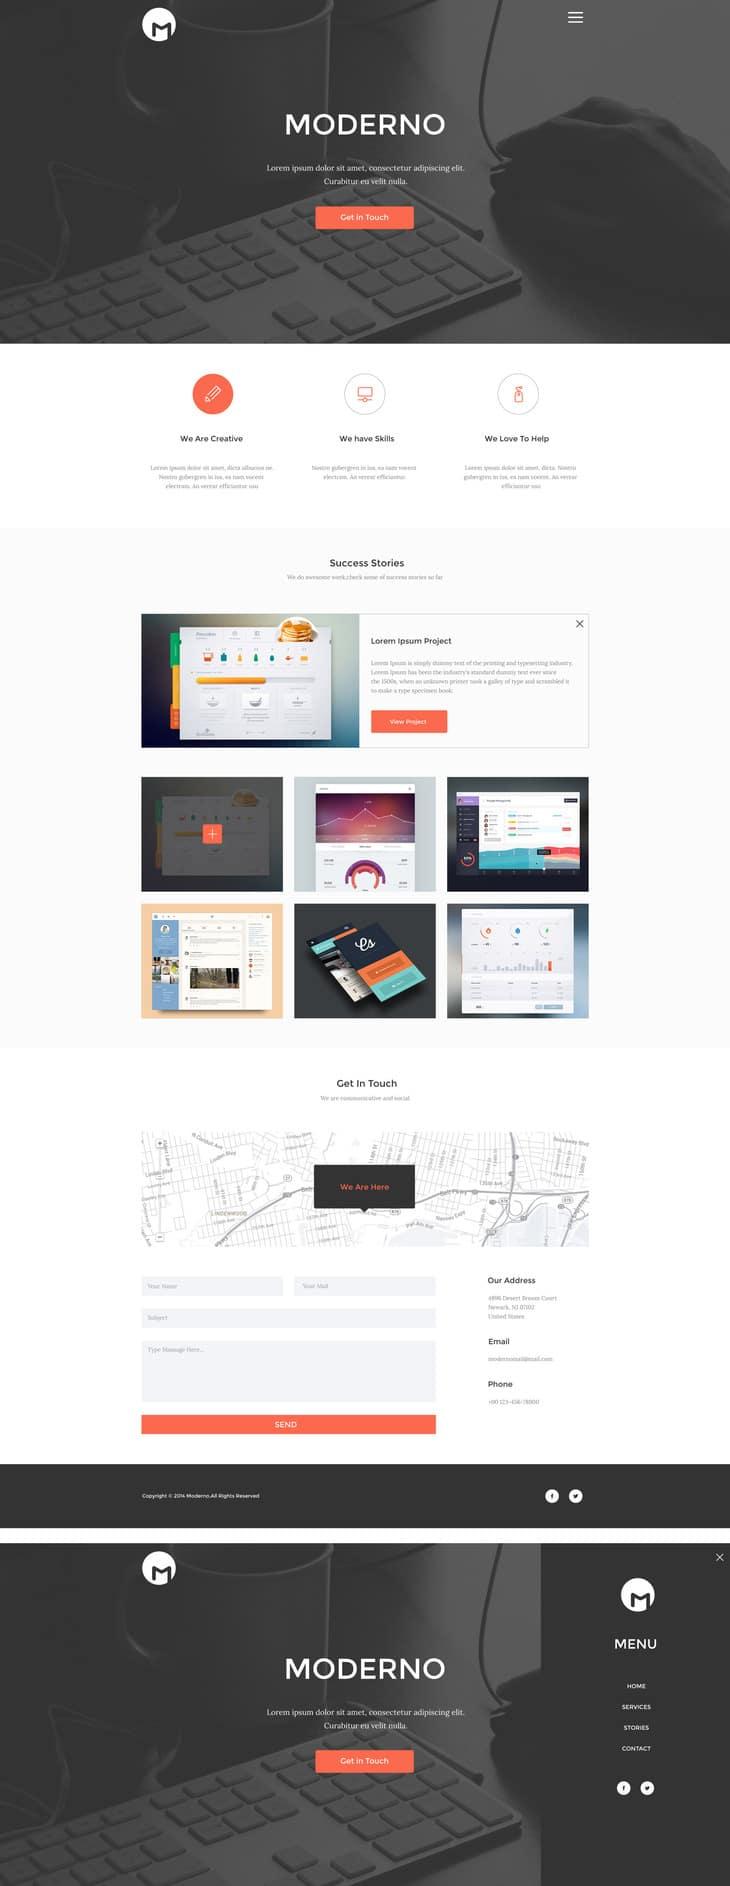 Moderno – Creative Simple Portfolio Page